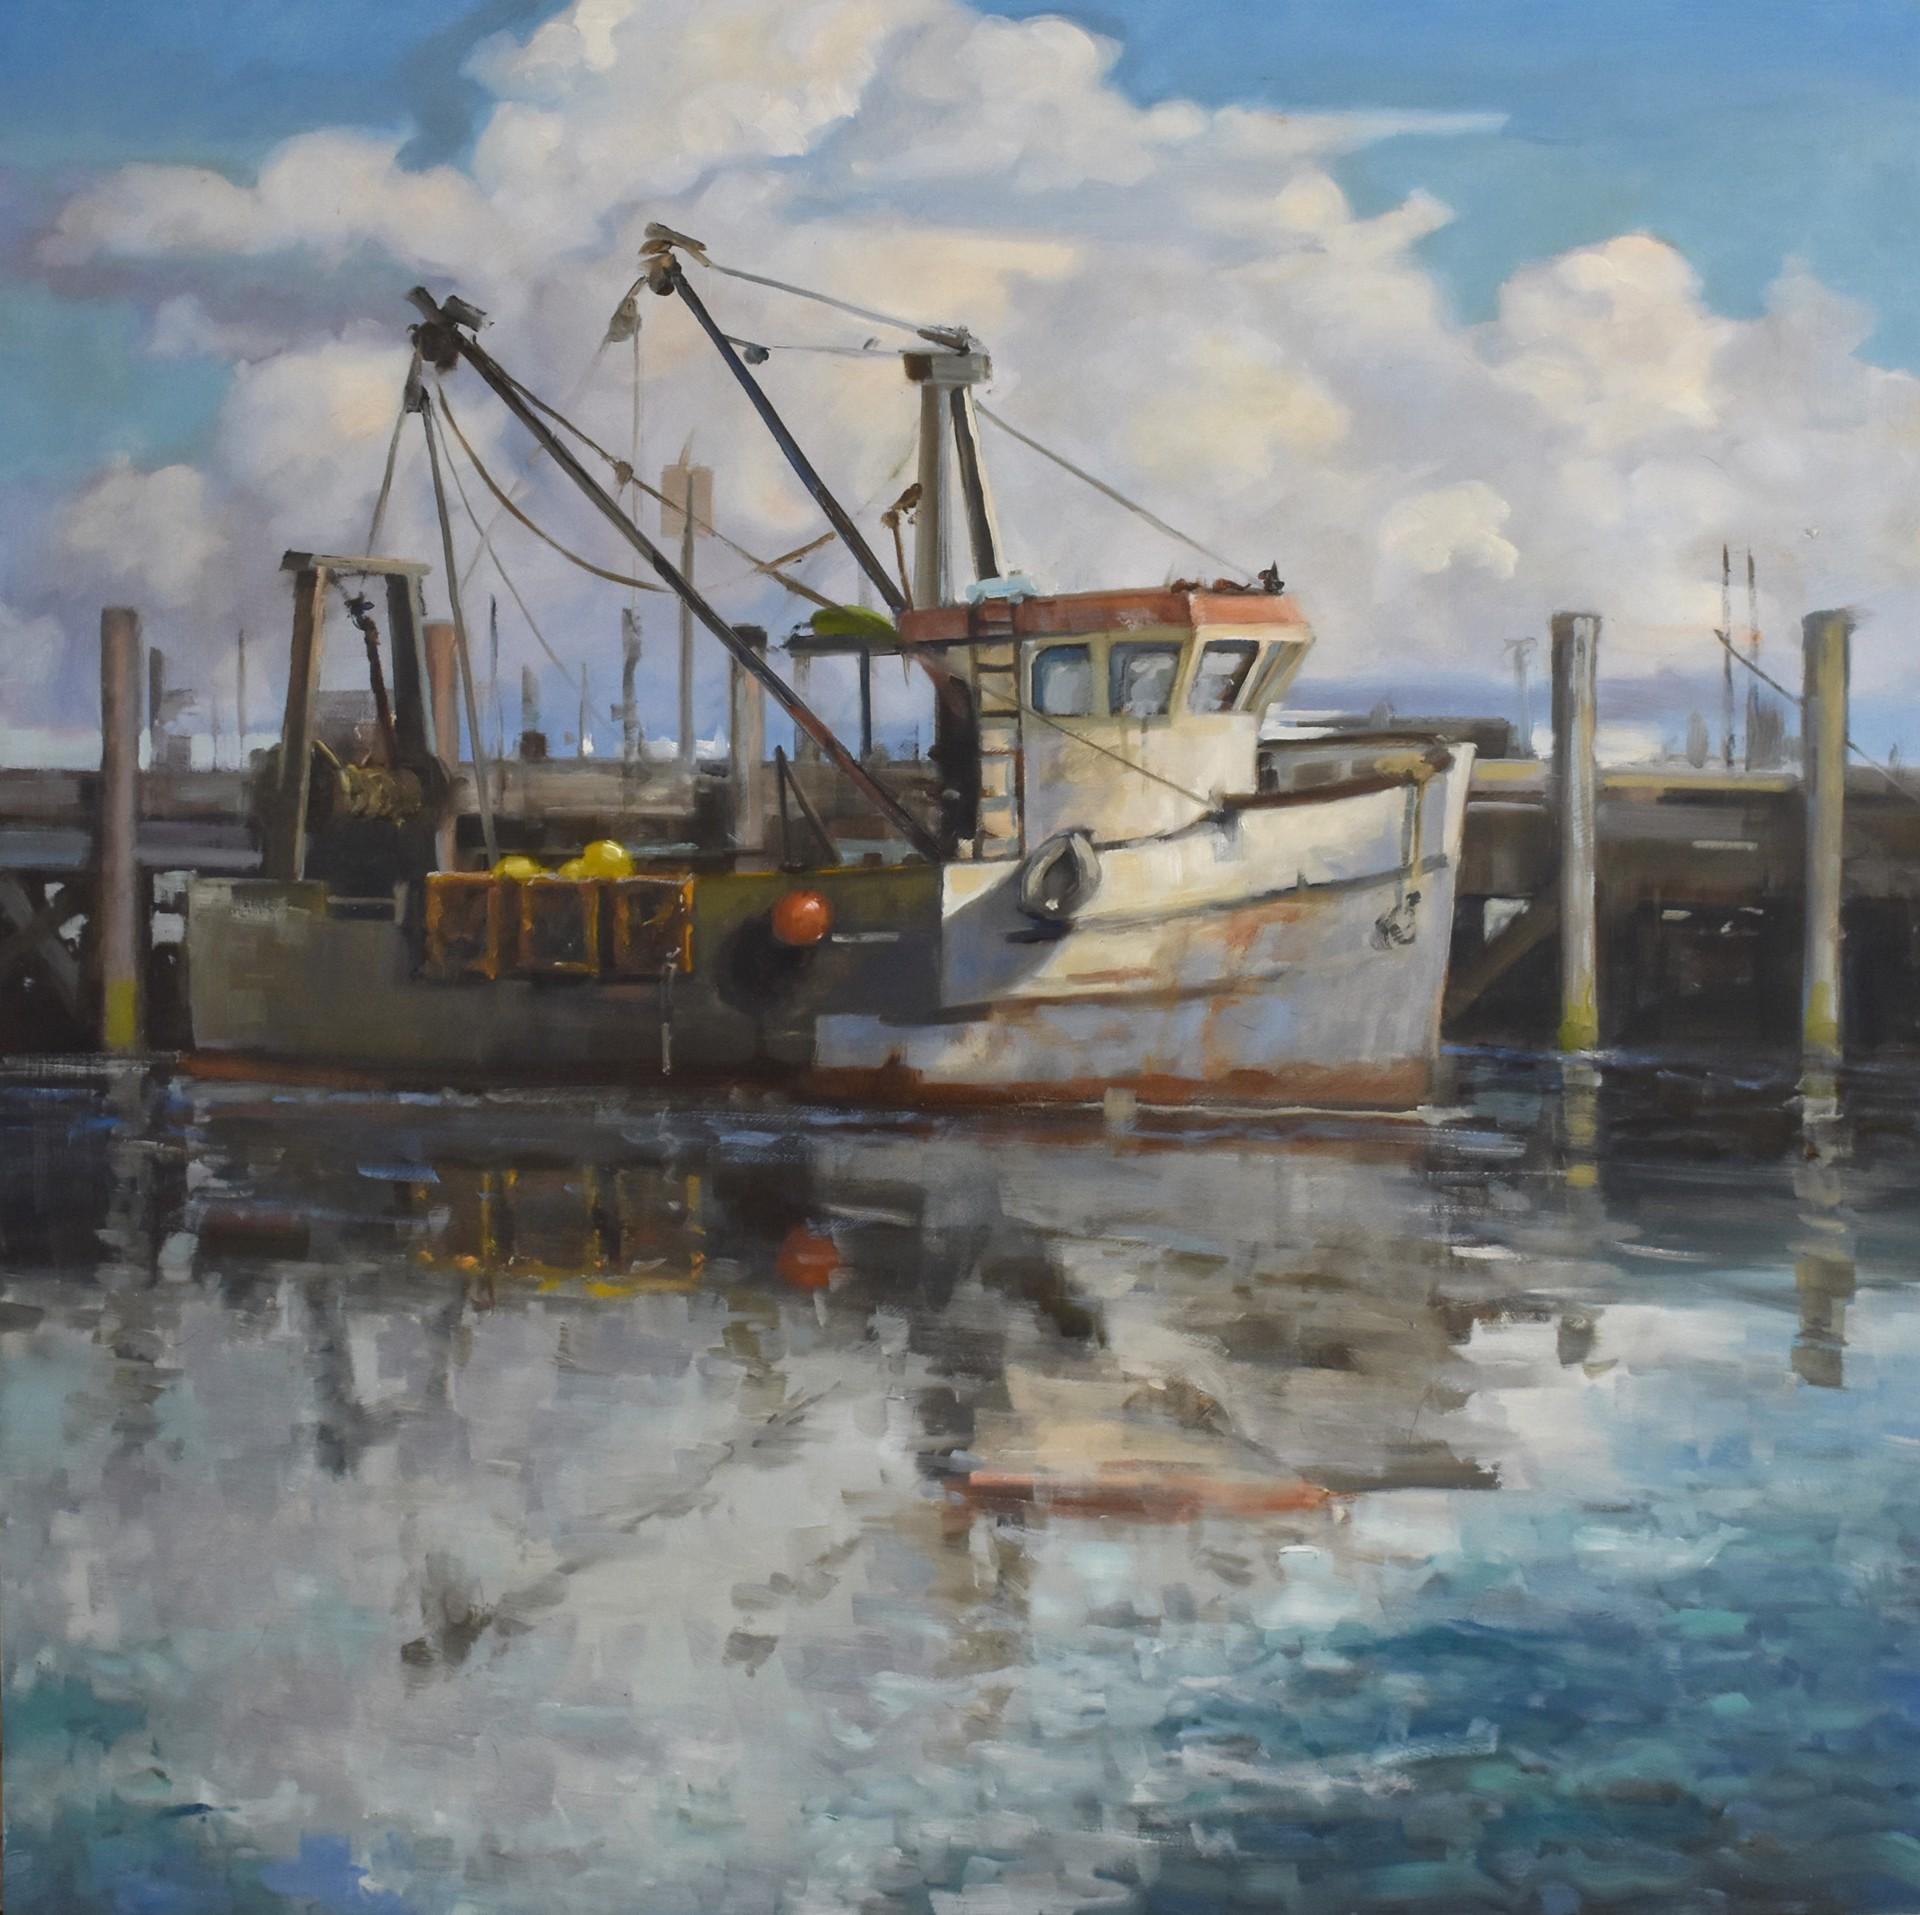 Docked by Steven Walker